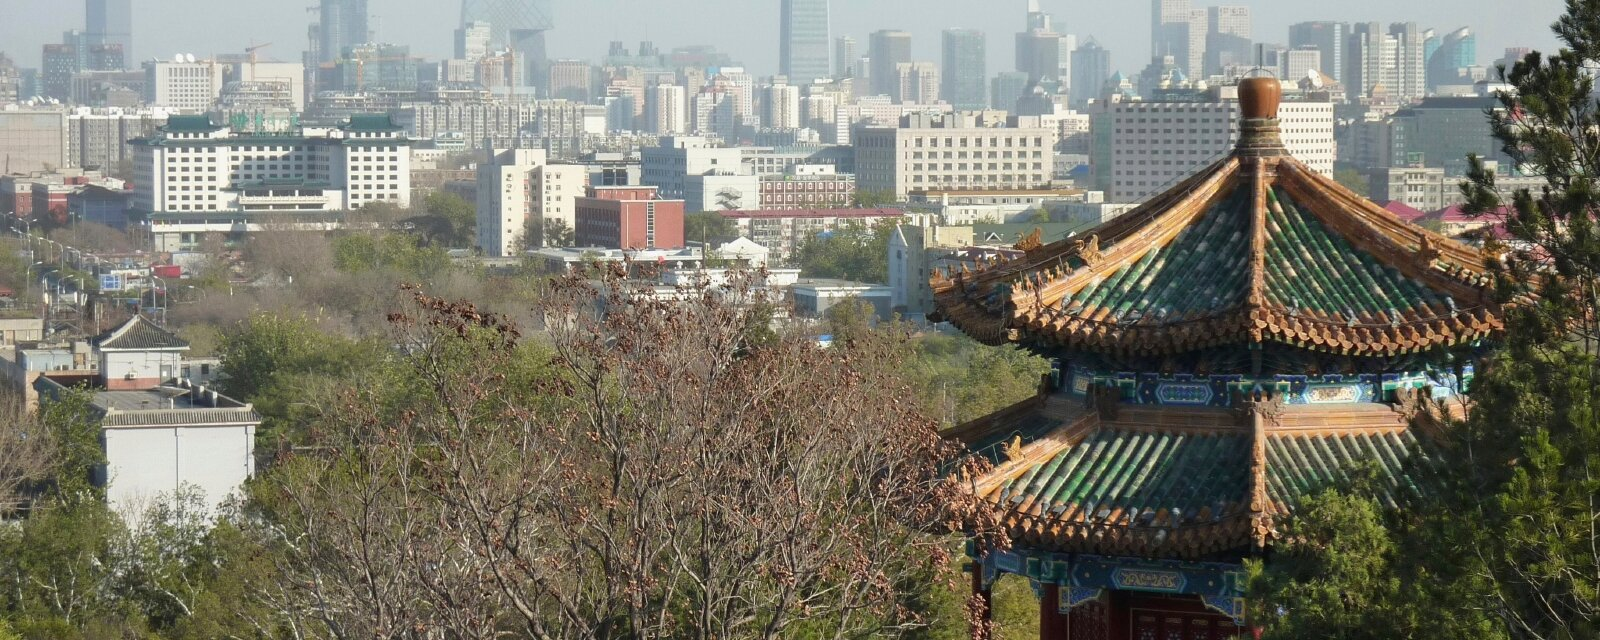 Поиск отелей в Шэньяне